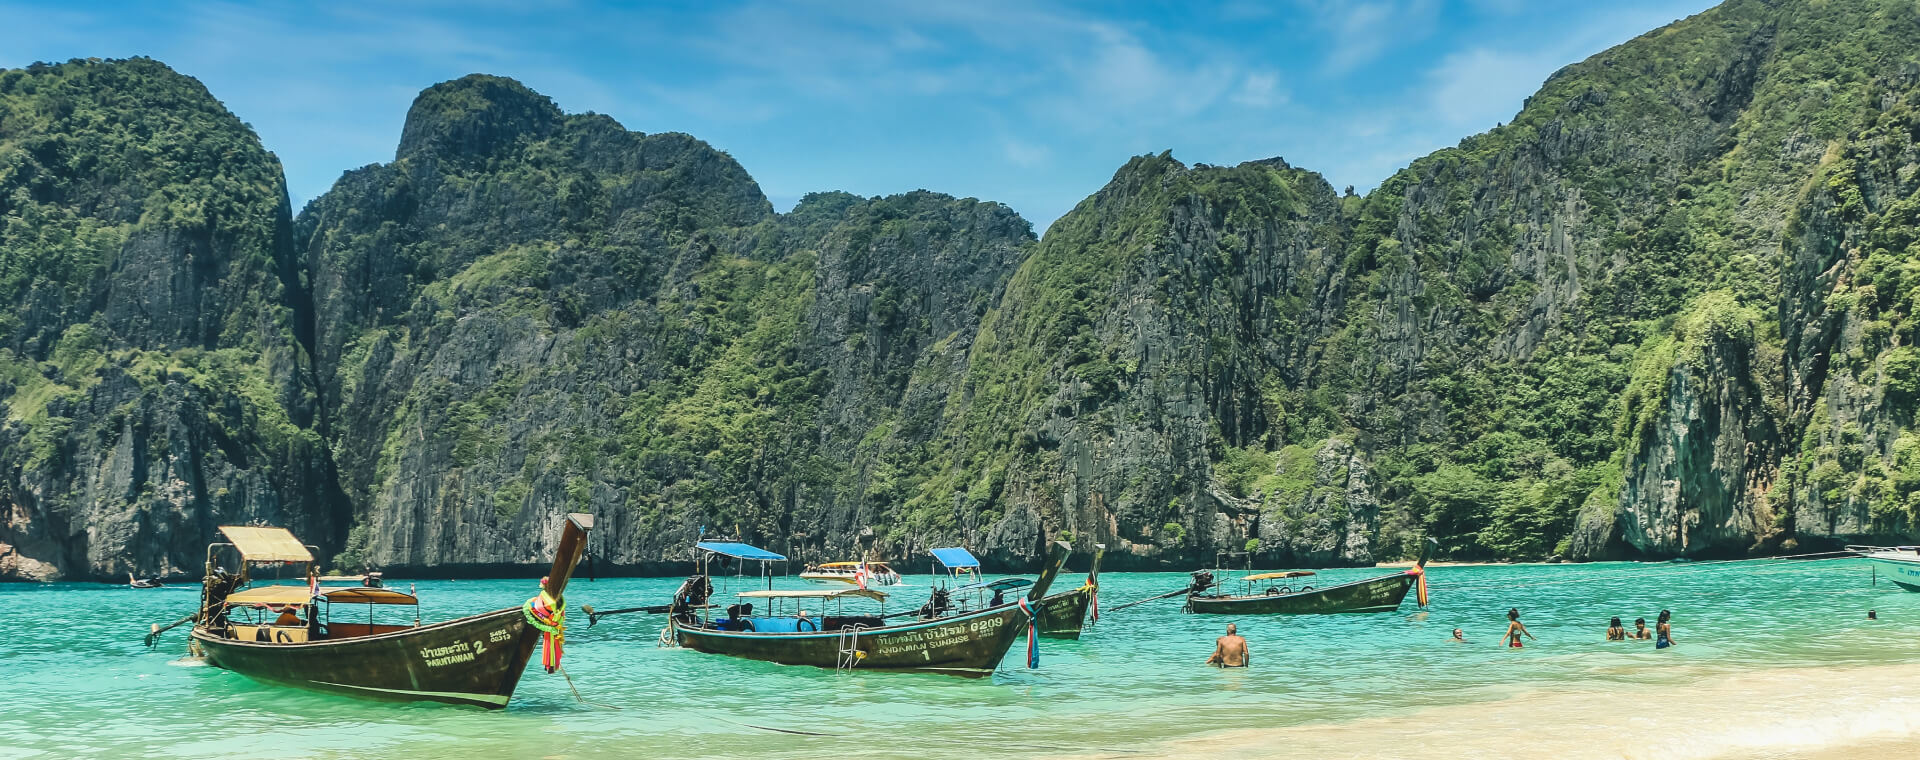 Thailand risks illustration